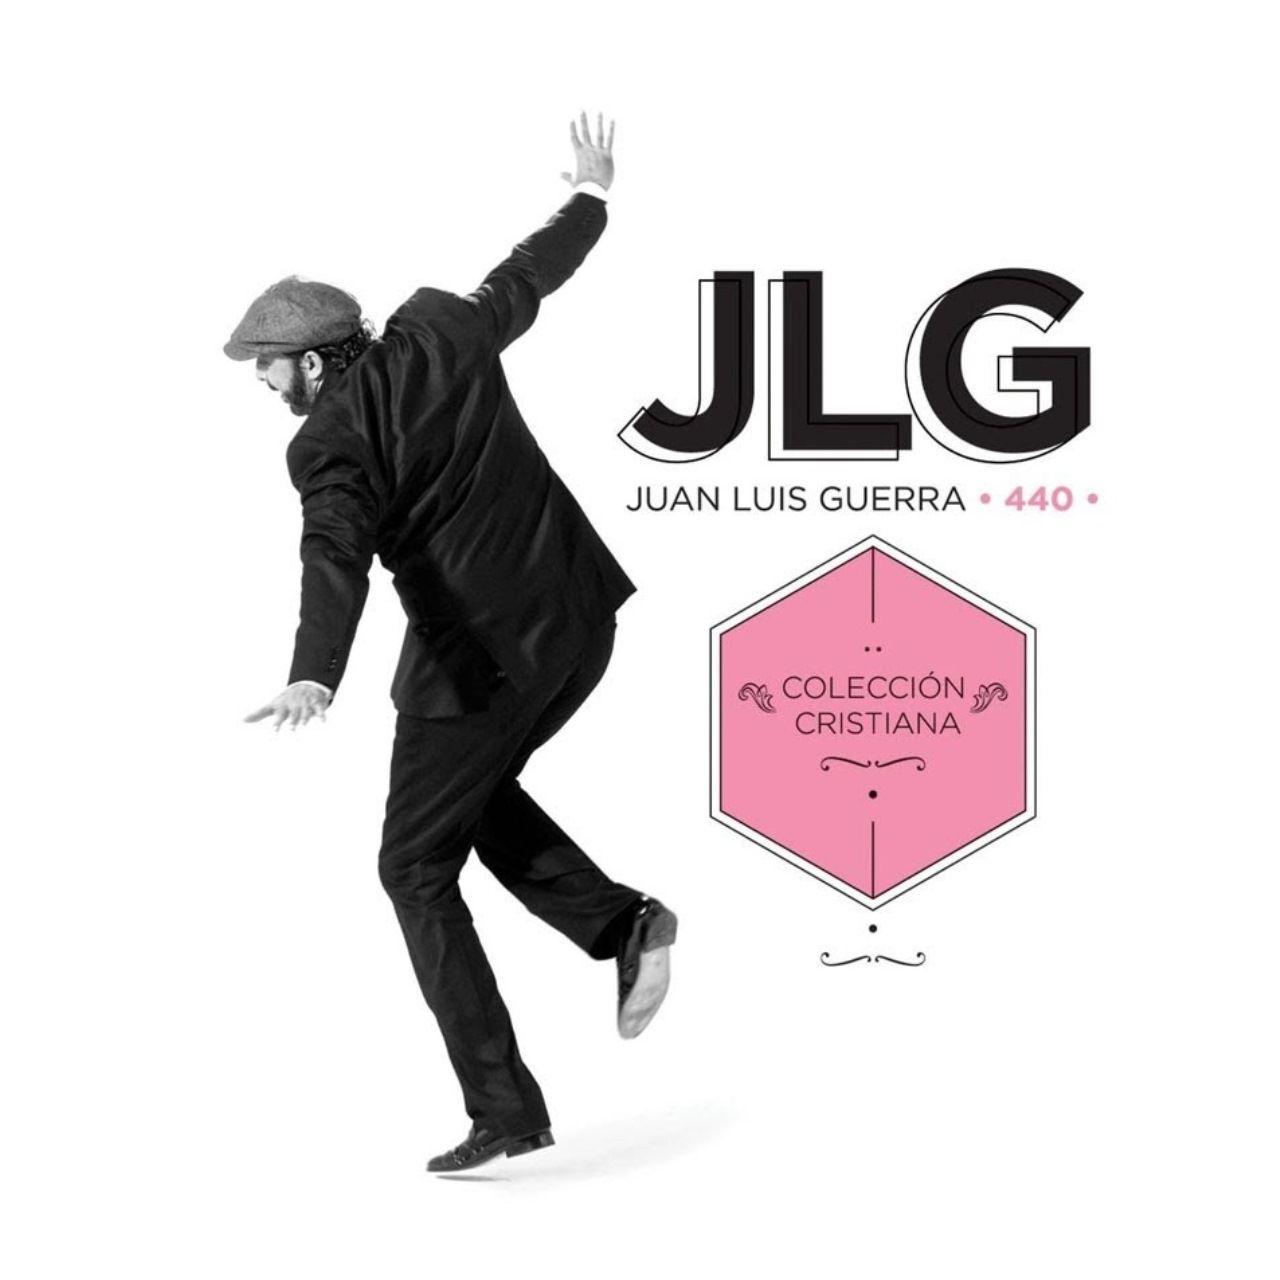 juan Luis Guerra, álbum Colección cristiana